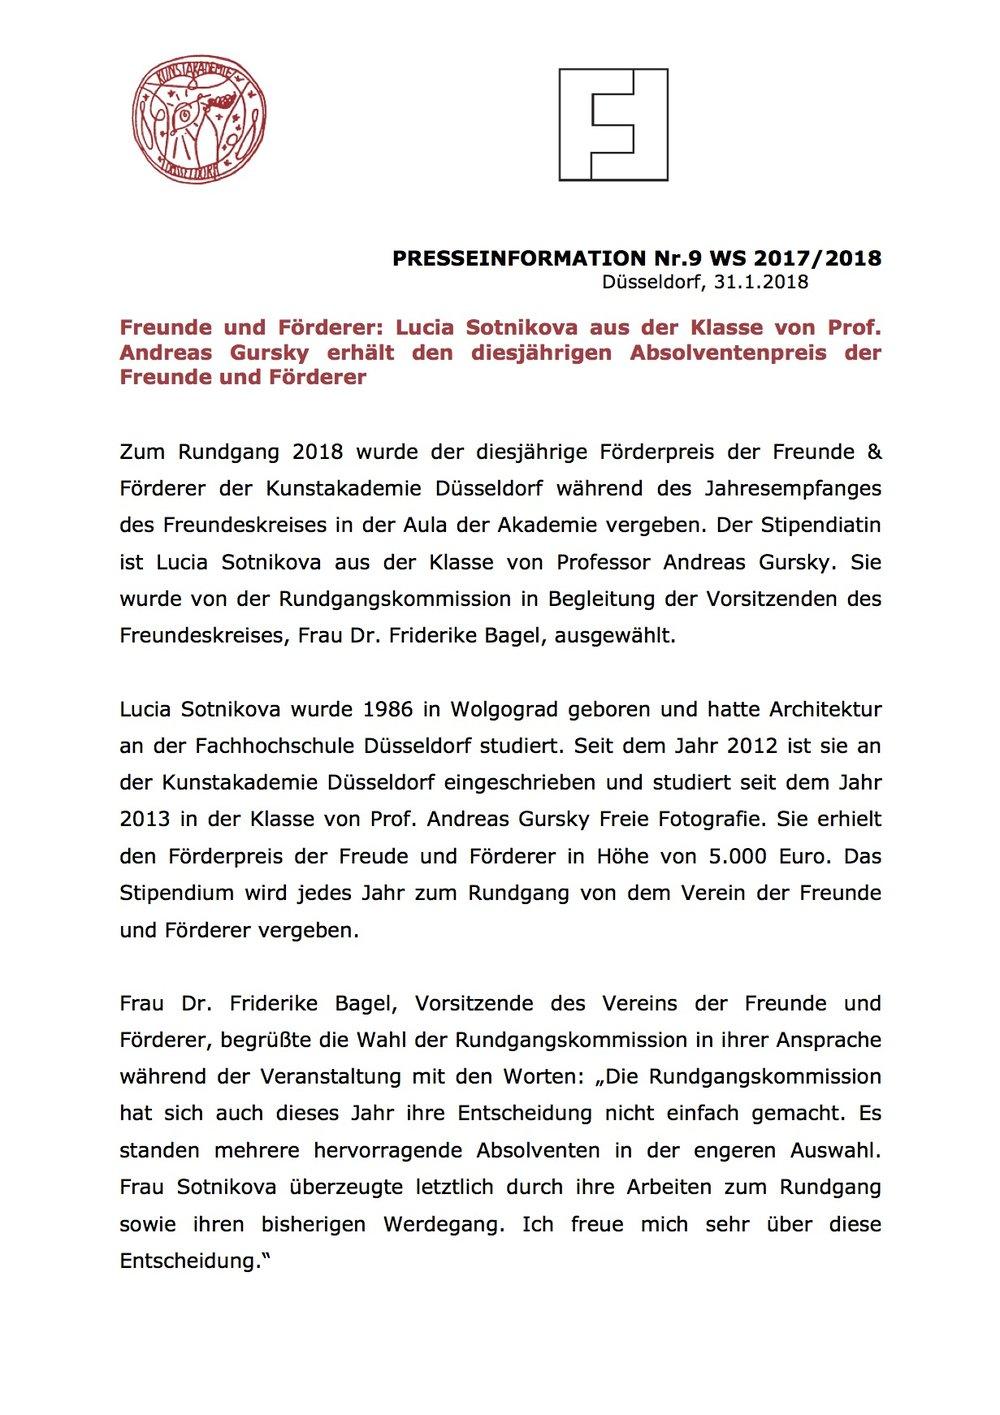 Pressemitteilung der Kunstakademie Düsseldorf, 31.01.2018, Kontakt: Dr. Vanessa Sondermann,  vanessa.sondermann@kunstakademie-duesseldorf.d  e